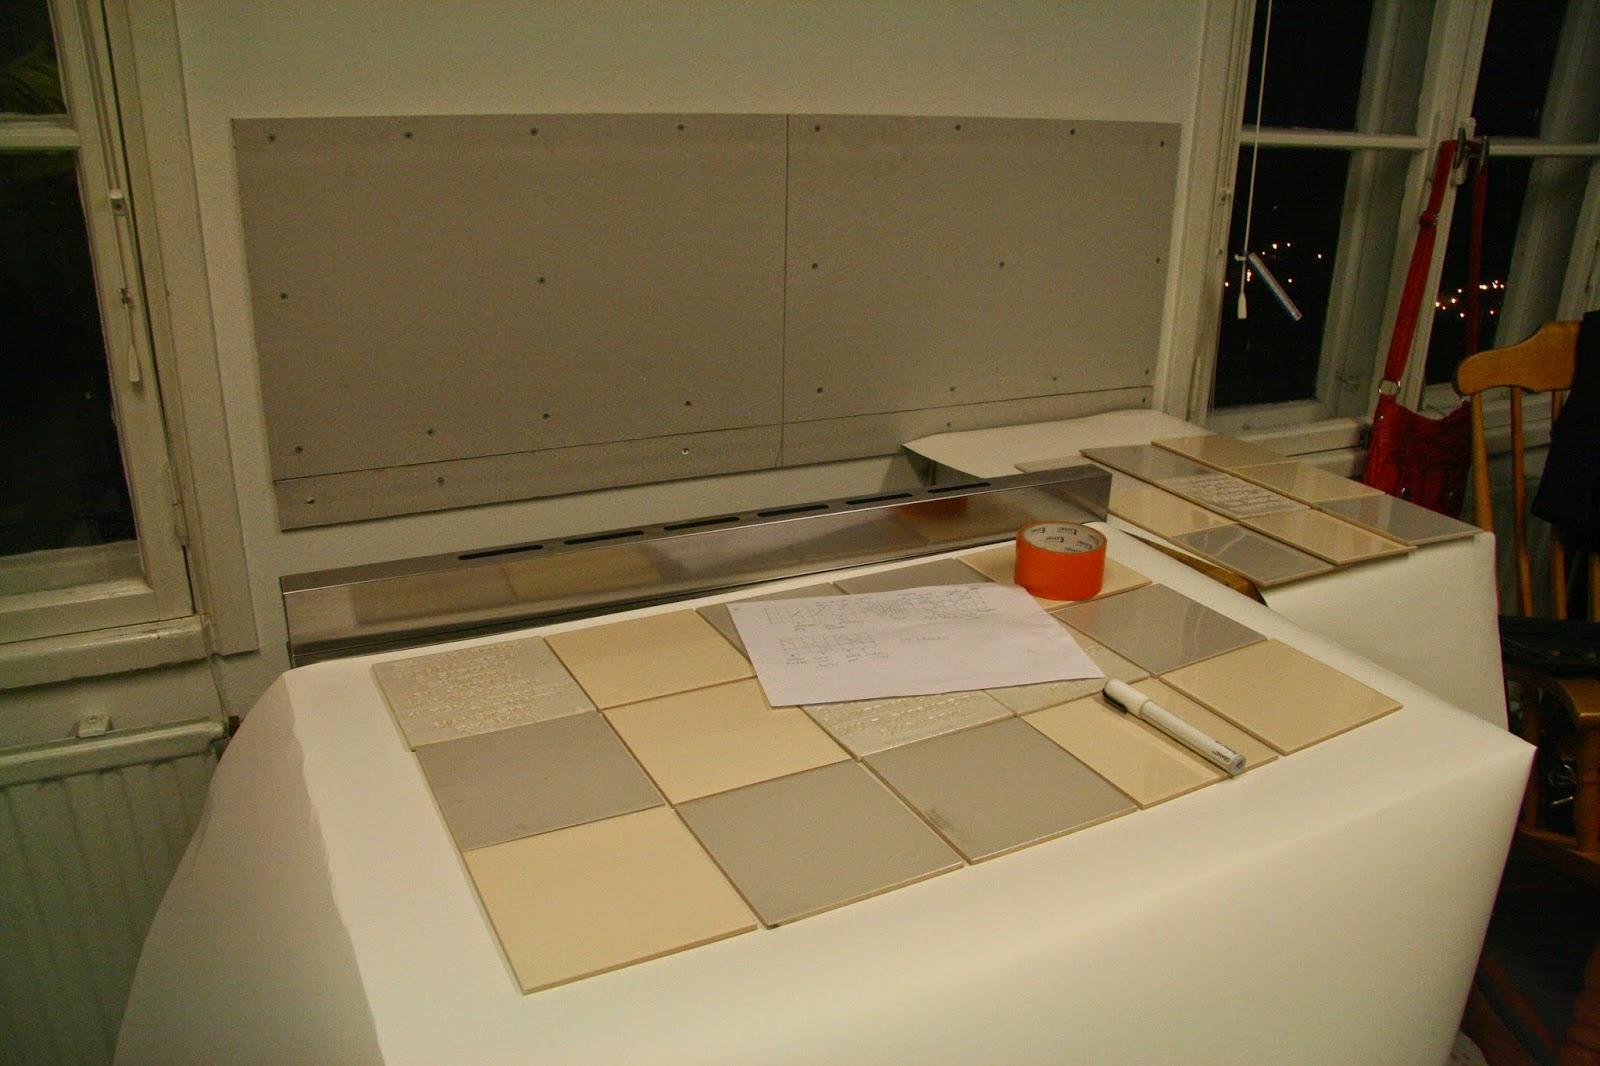 keittiön välitilan laatoitus!  oma koti kultainen